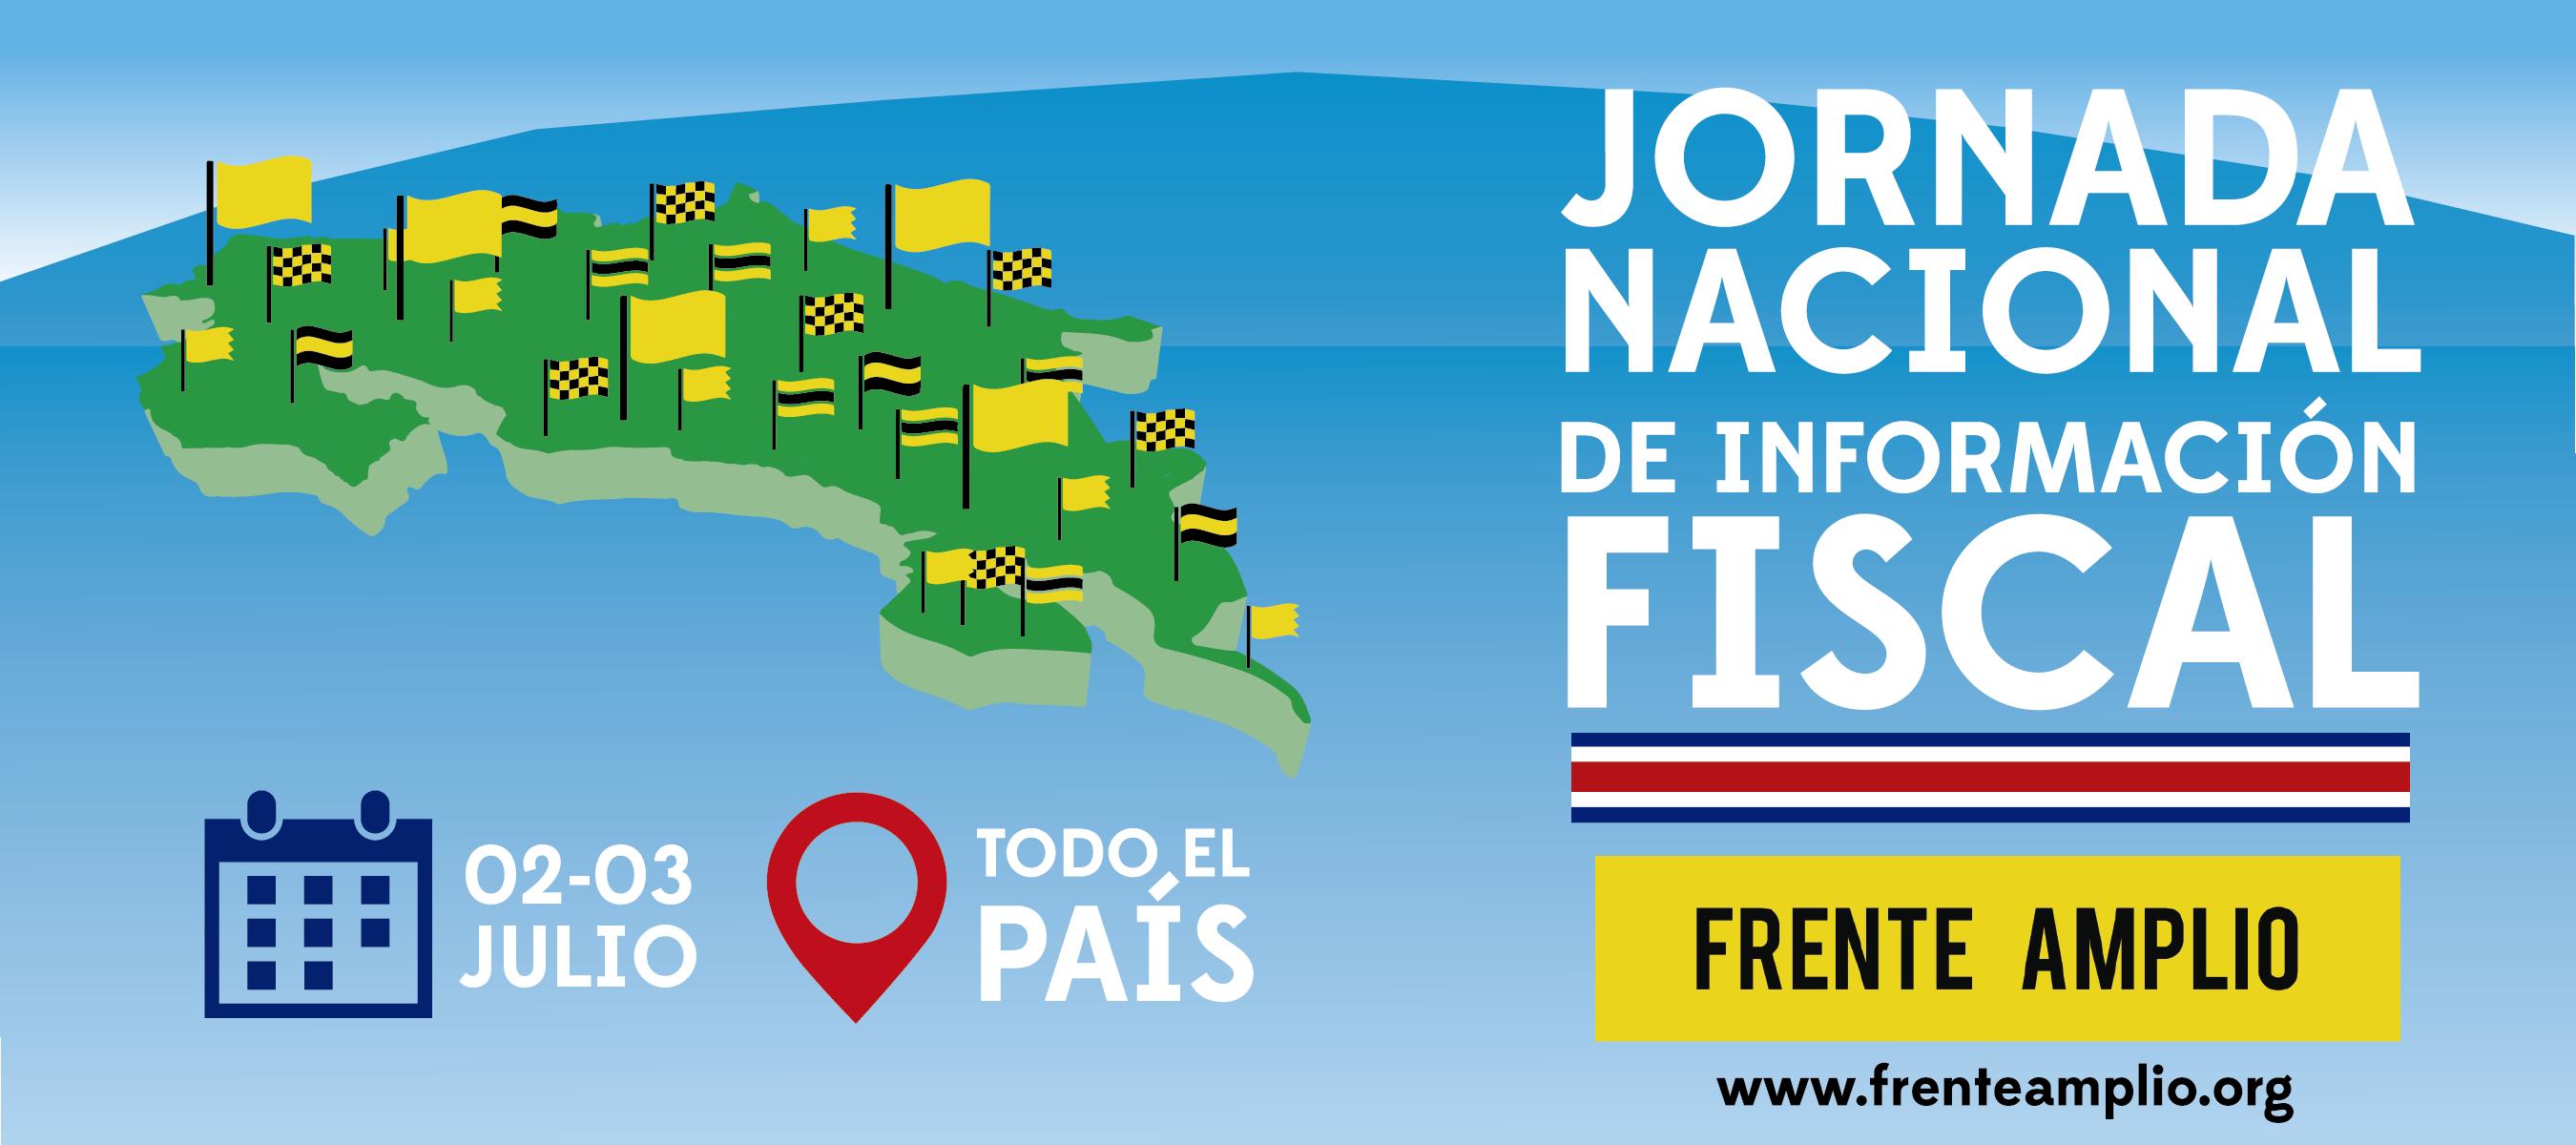 Jornada Nacional Fiscal-01